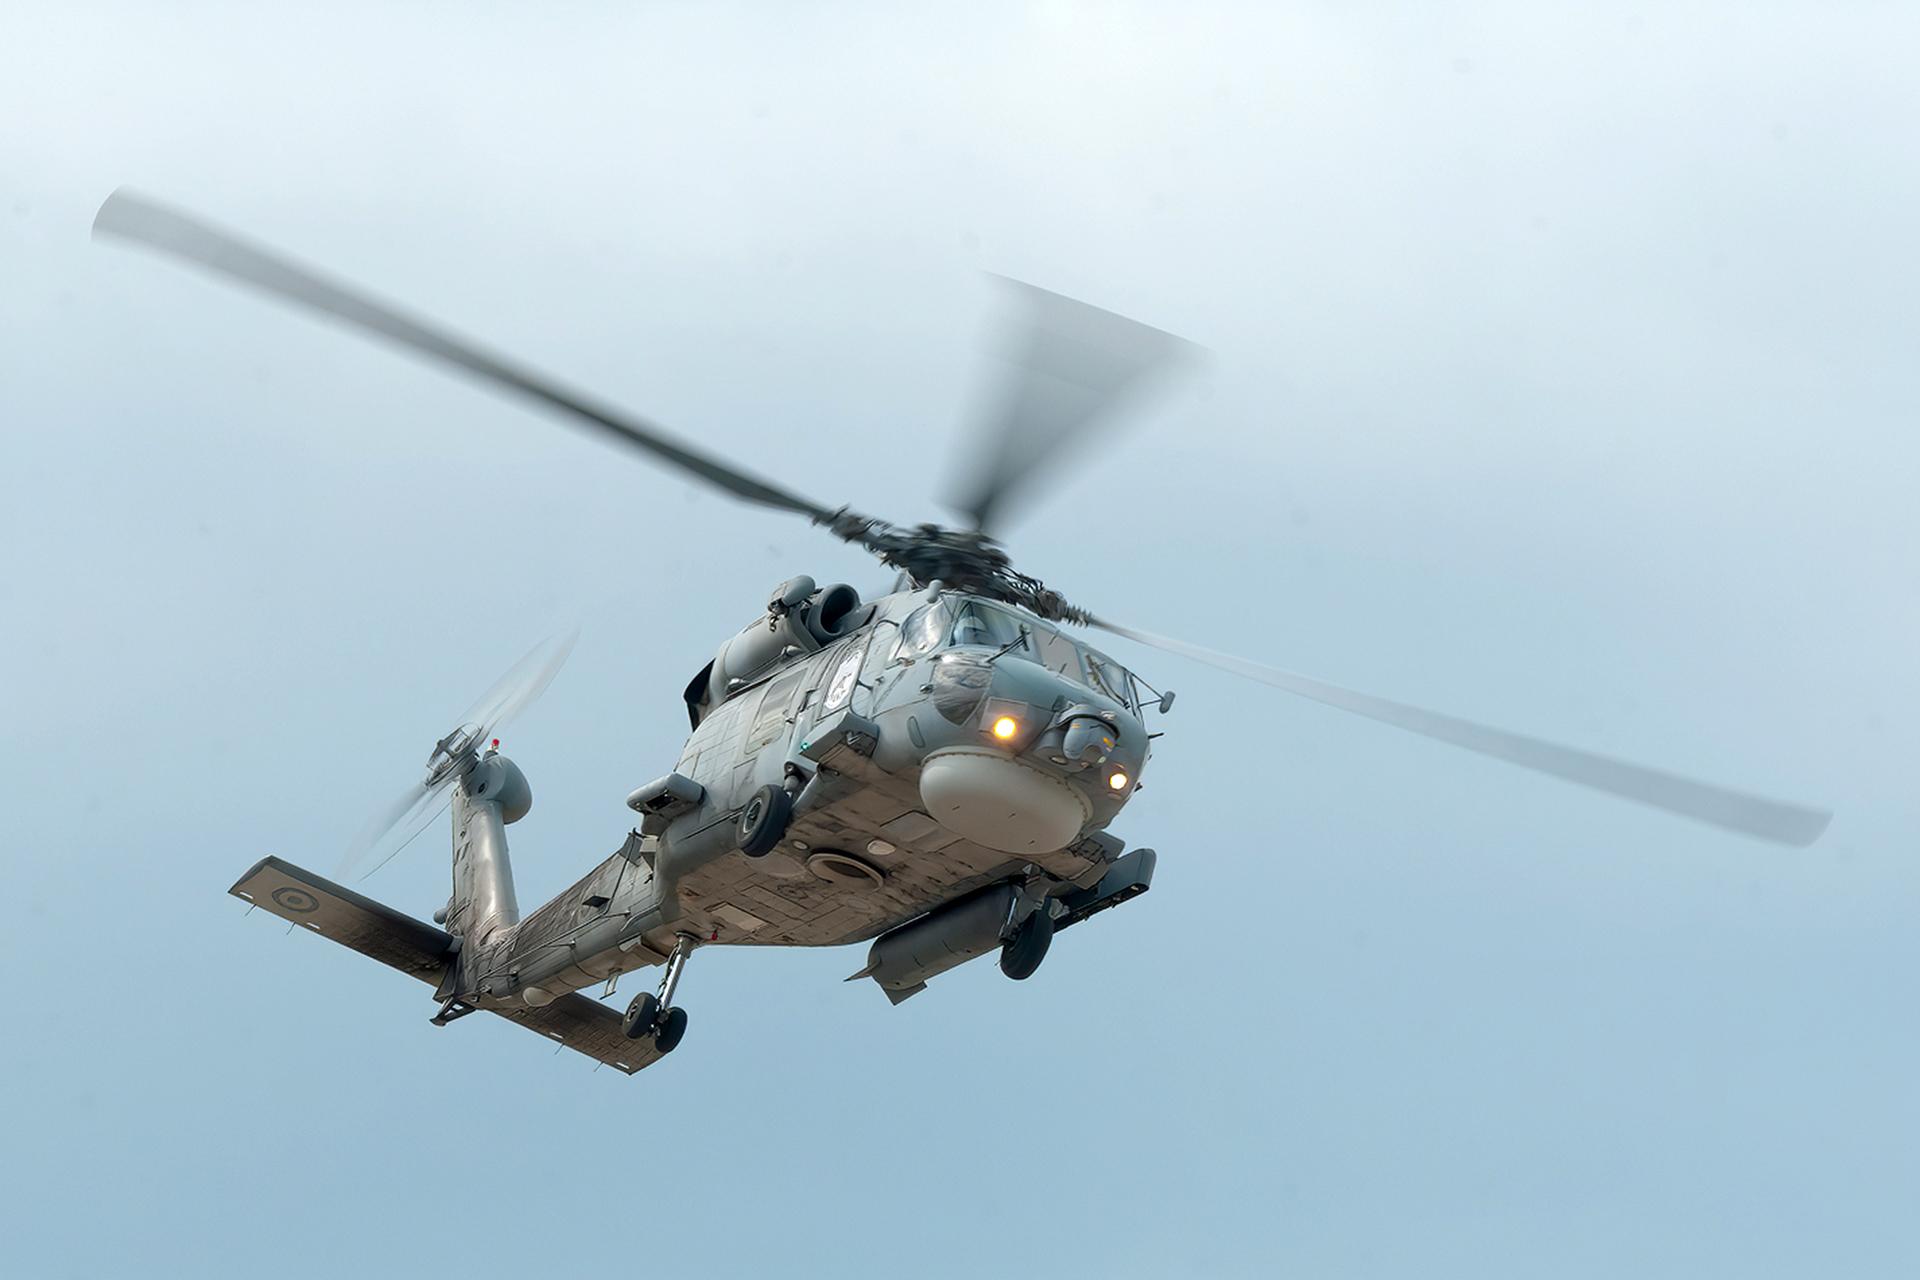 Βρέθηκε το στρατιωτικό ελικόπτερο που συνετρίβη στο Ιόνιο- Εντοπίστηκαν και τα υπόλοιπα πτώματα